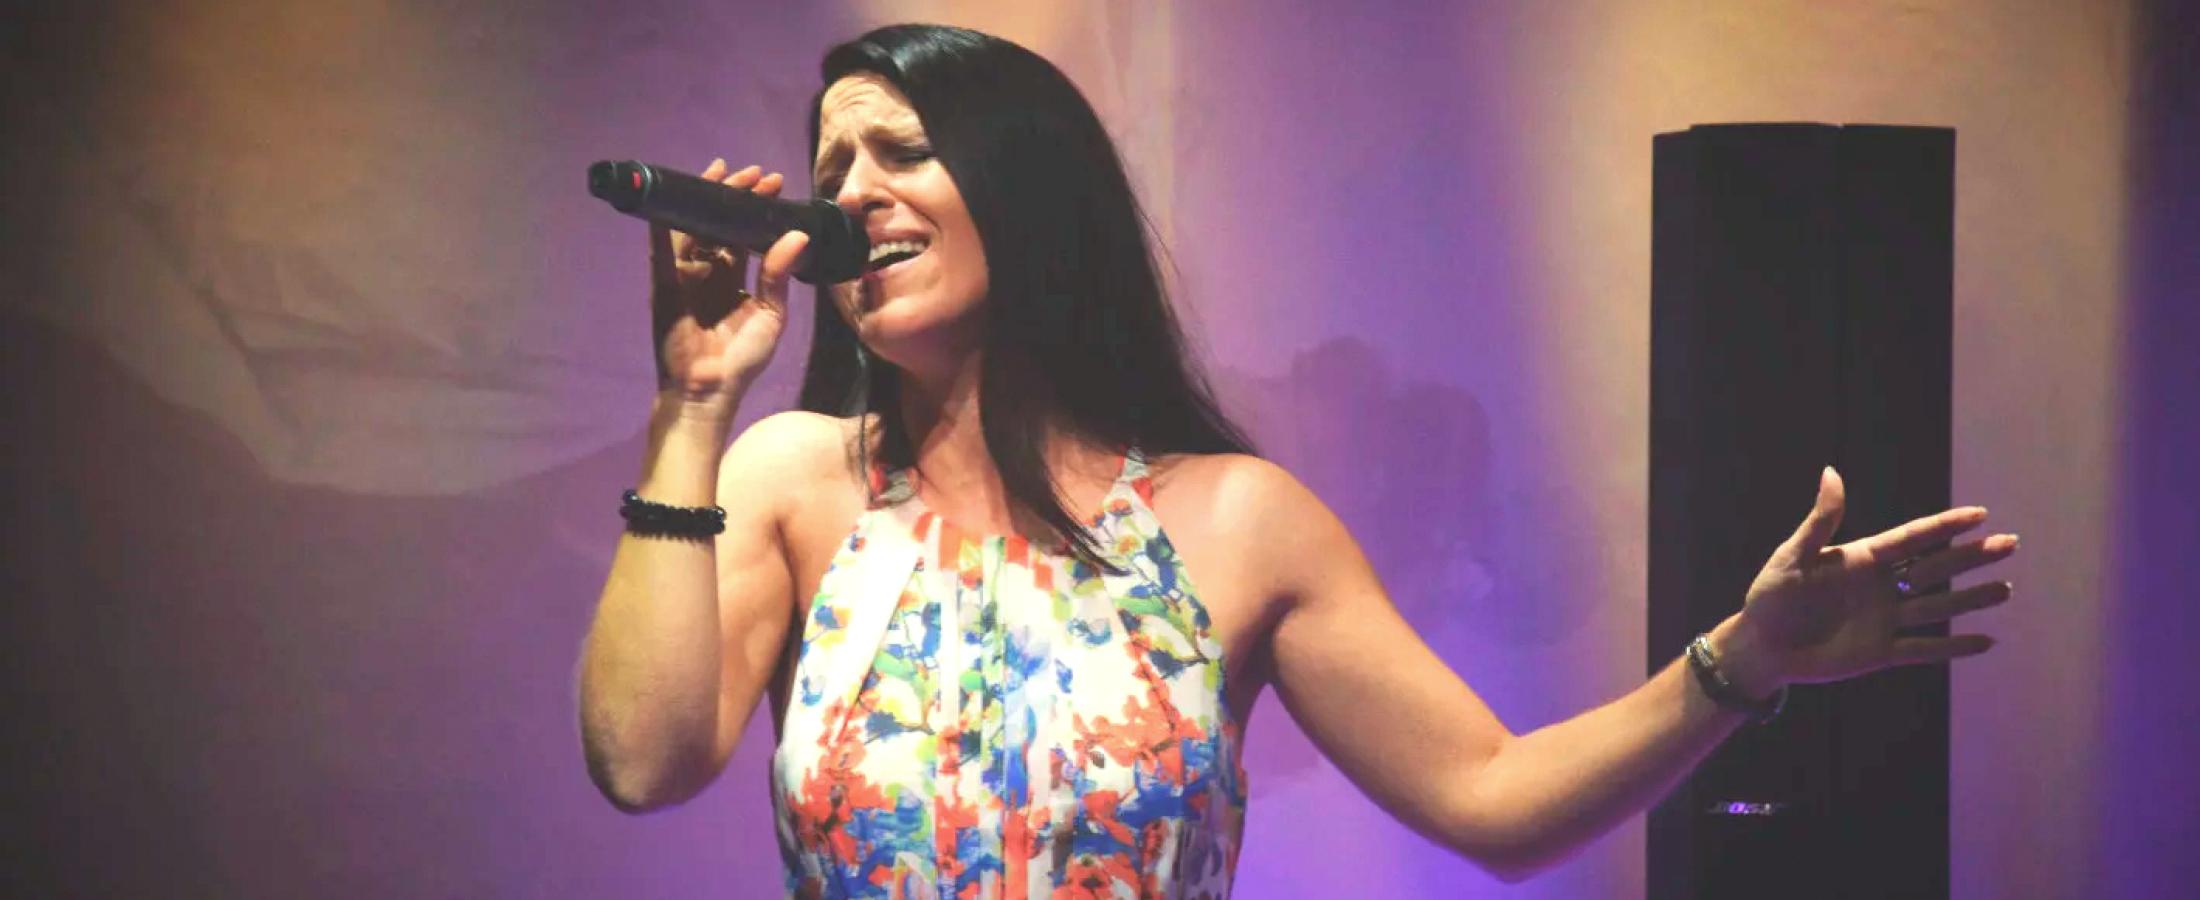 Melanie Schäfer